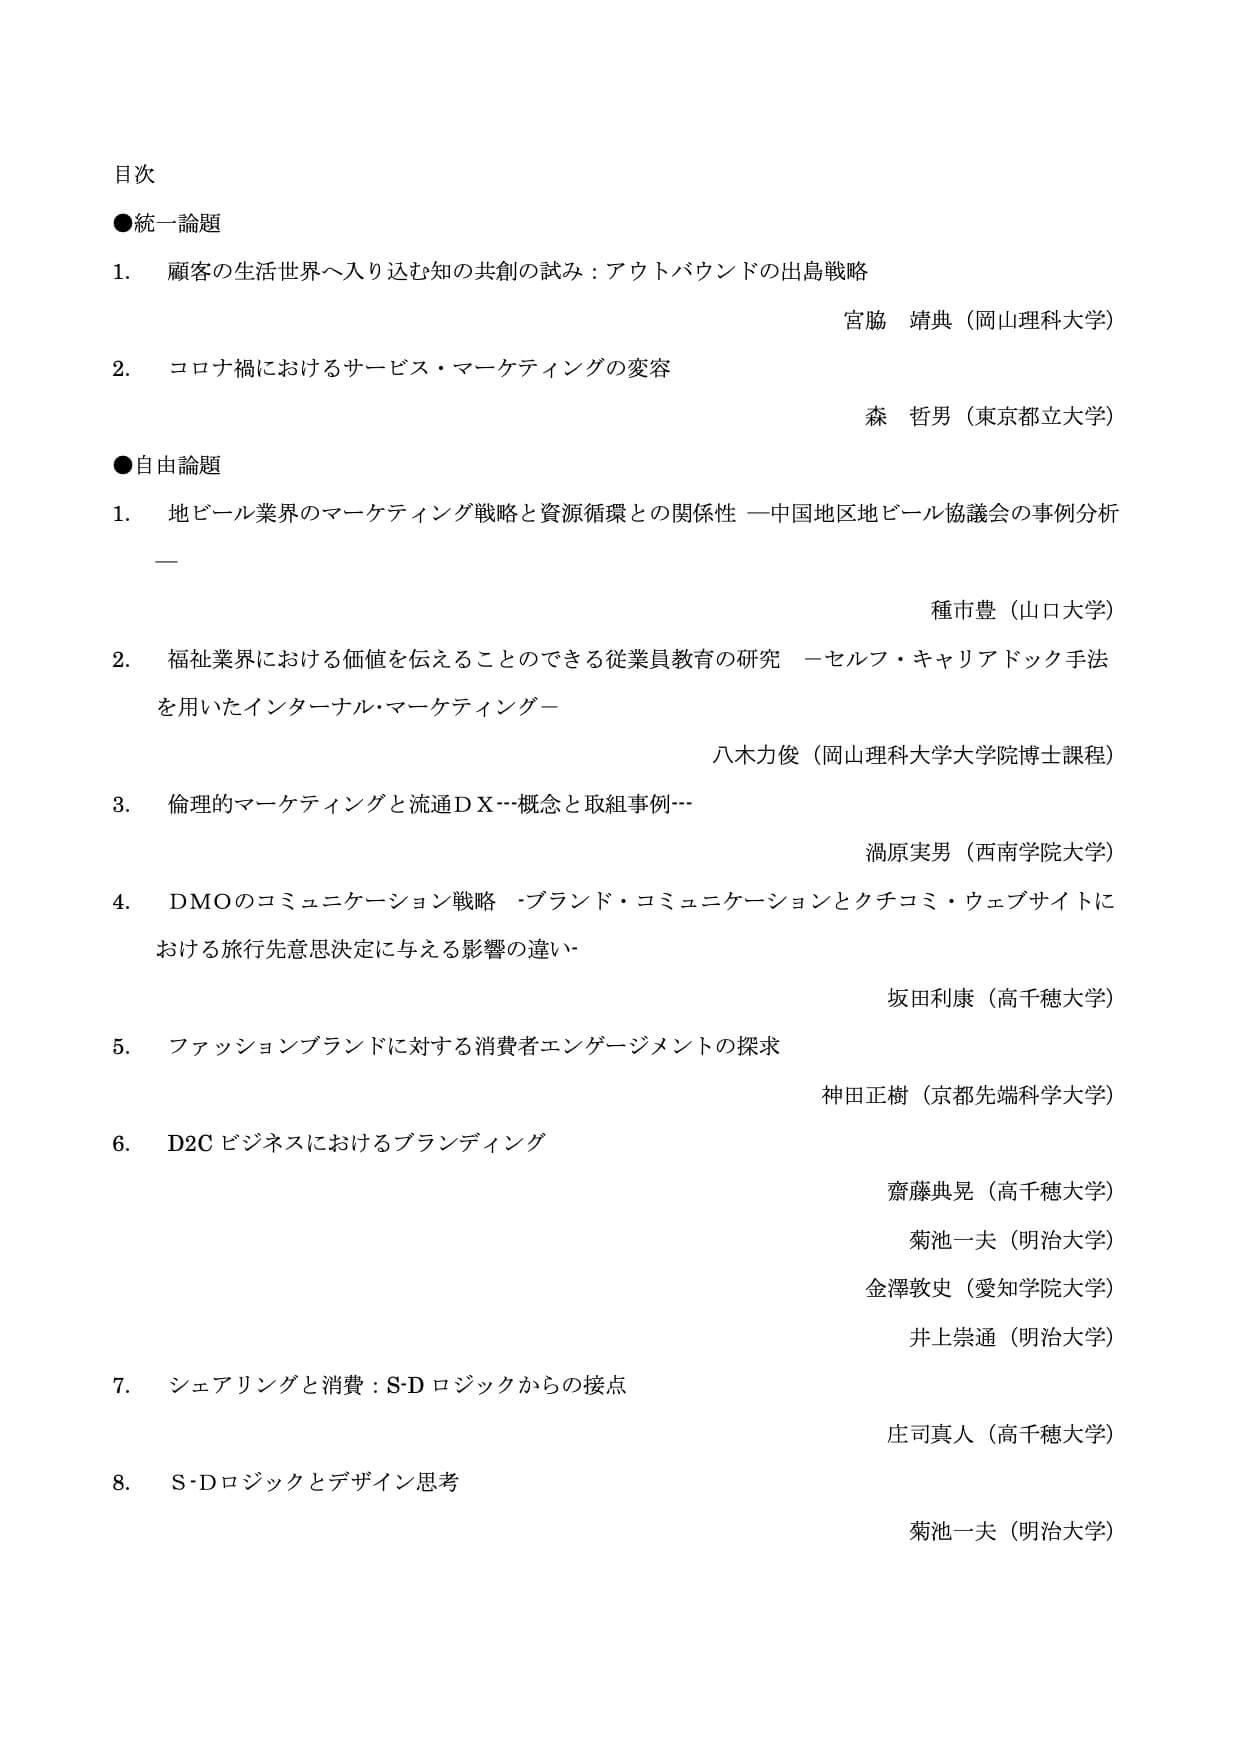 日本消費経済学会第46回全国大会要旨目次